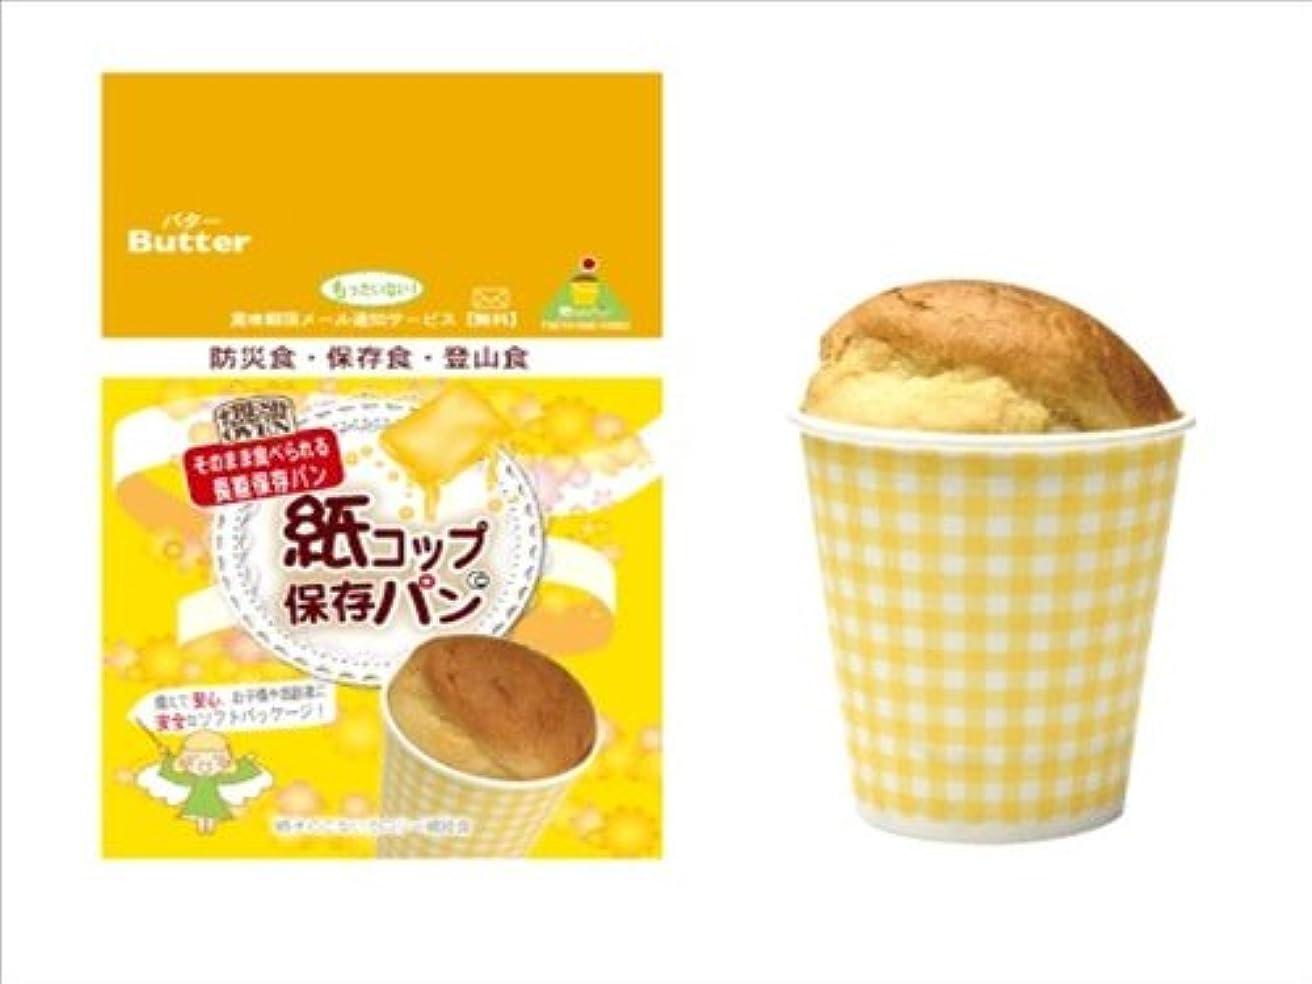 急襲ファンラフ東京ファインフーズ 5年長期保存 紙コップ保存パン バター 1個